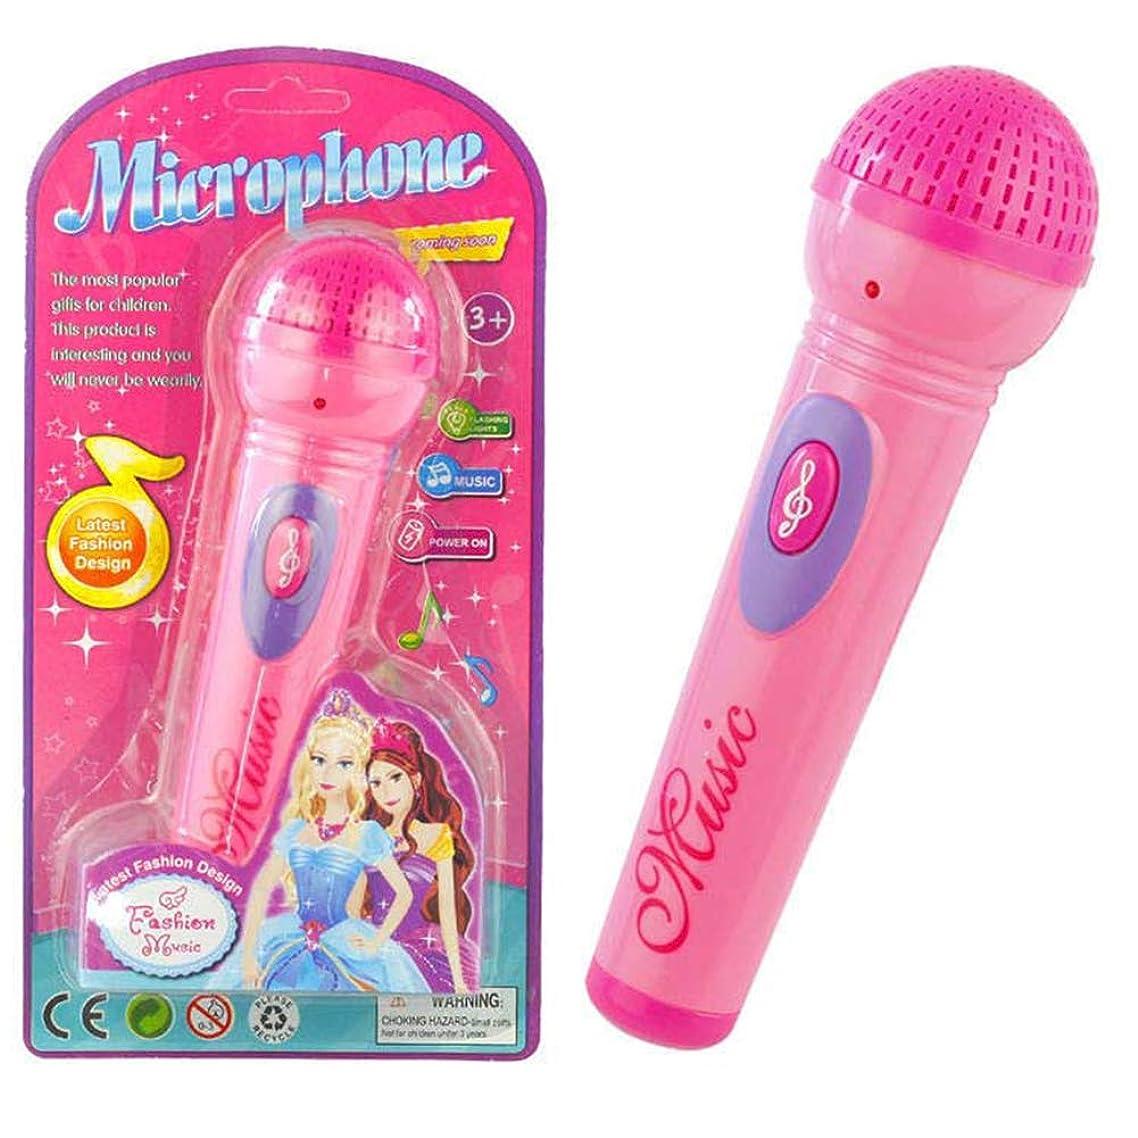 bromrefulgenc Microphone KidsToy, Fashion Mic Karaoke Singing Gift Funny Music Toy for Girls Boys